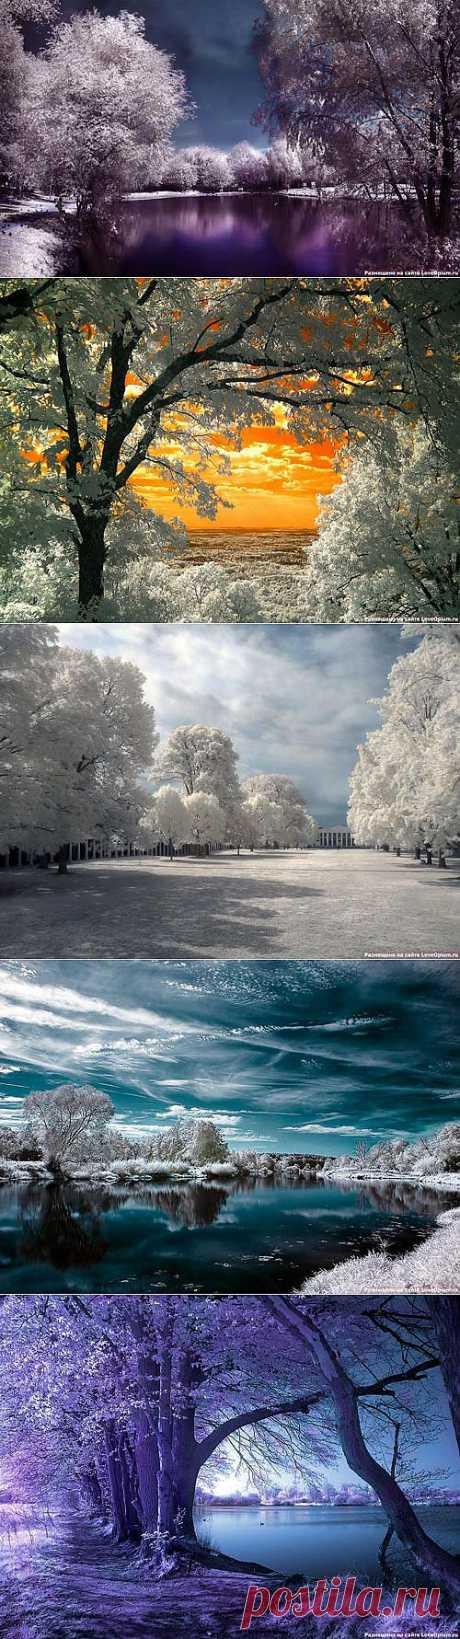 Необычайные инфракрасные фотографии (часть 1)